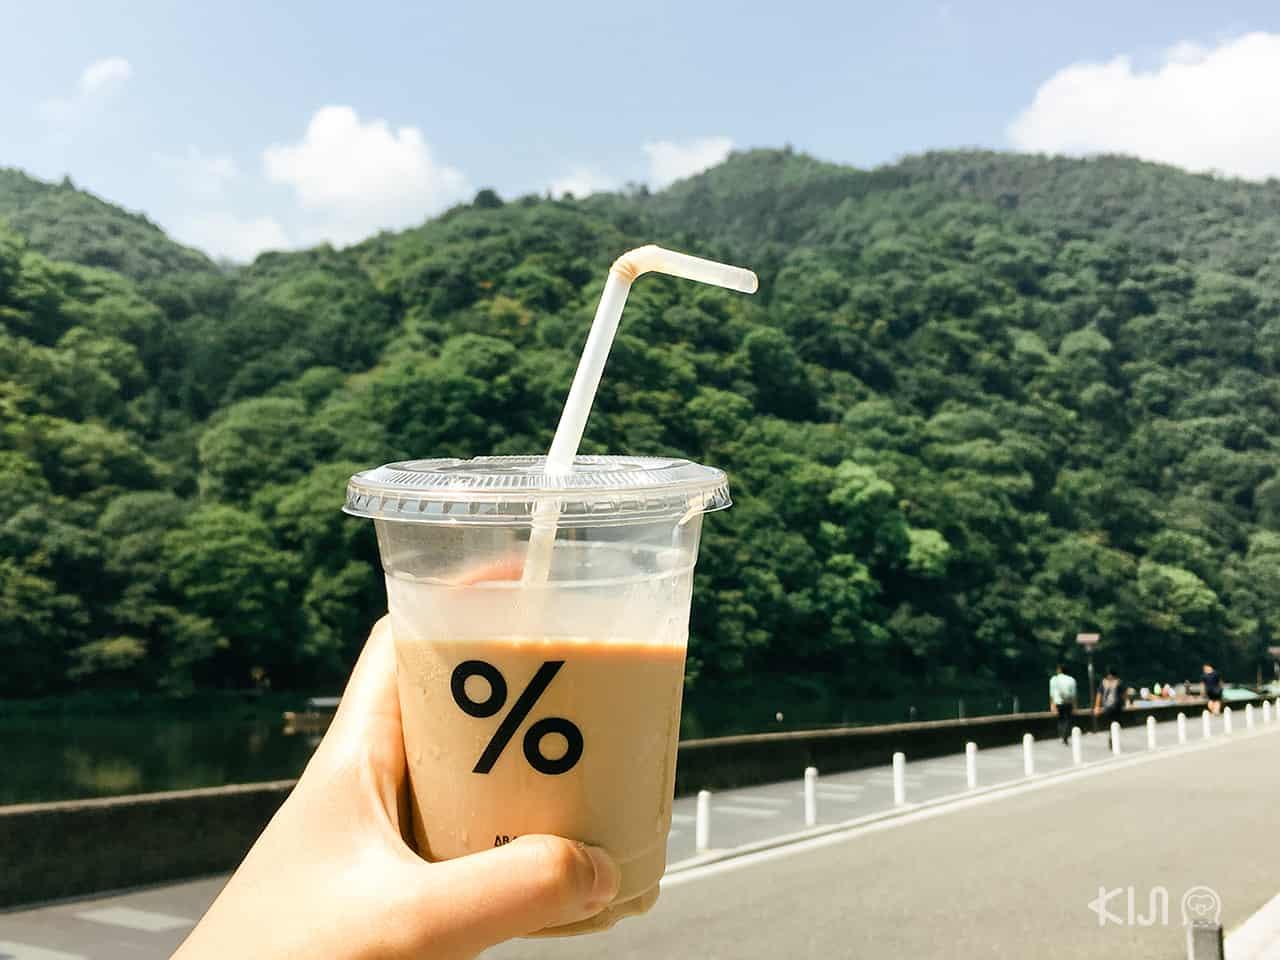 กาแฟร้าน % Arabica พร้อมกับวิวธรรมชาติสวยๆ